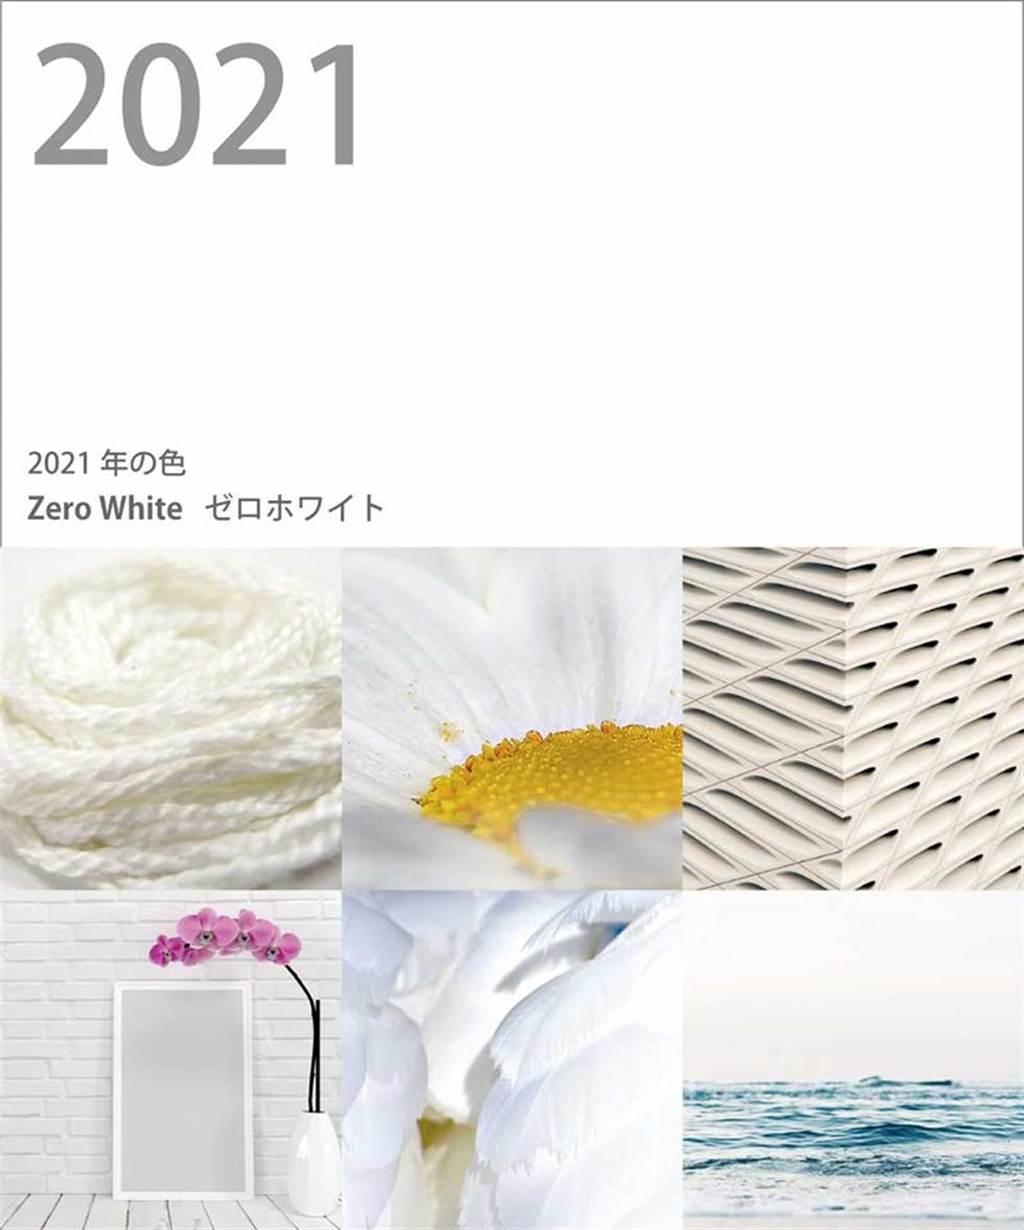 圖片來源/JAFCA日本流行色彩協會